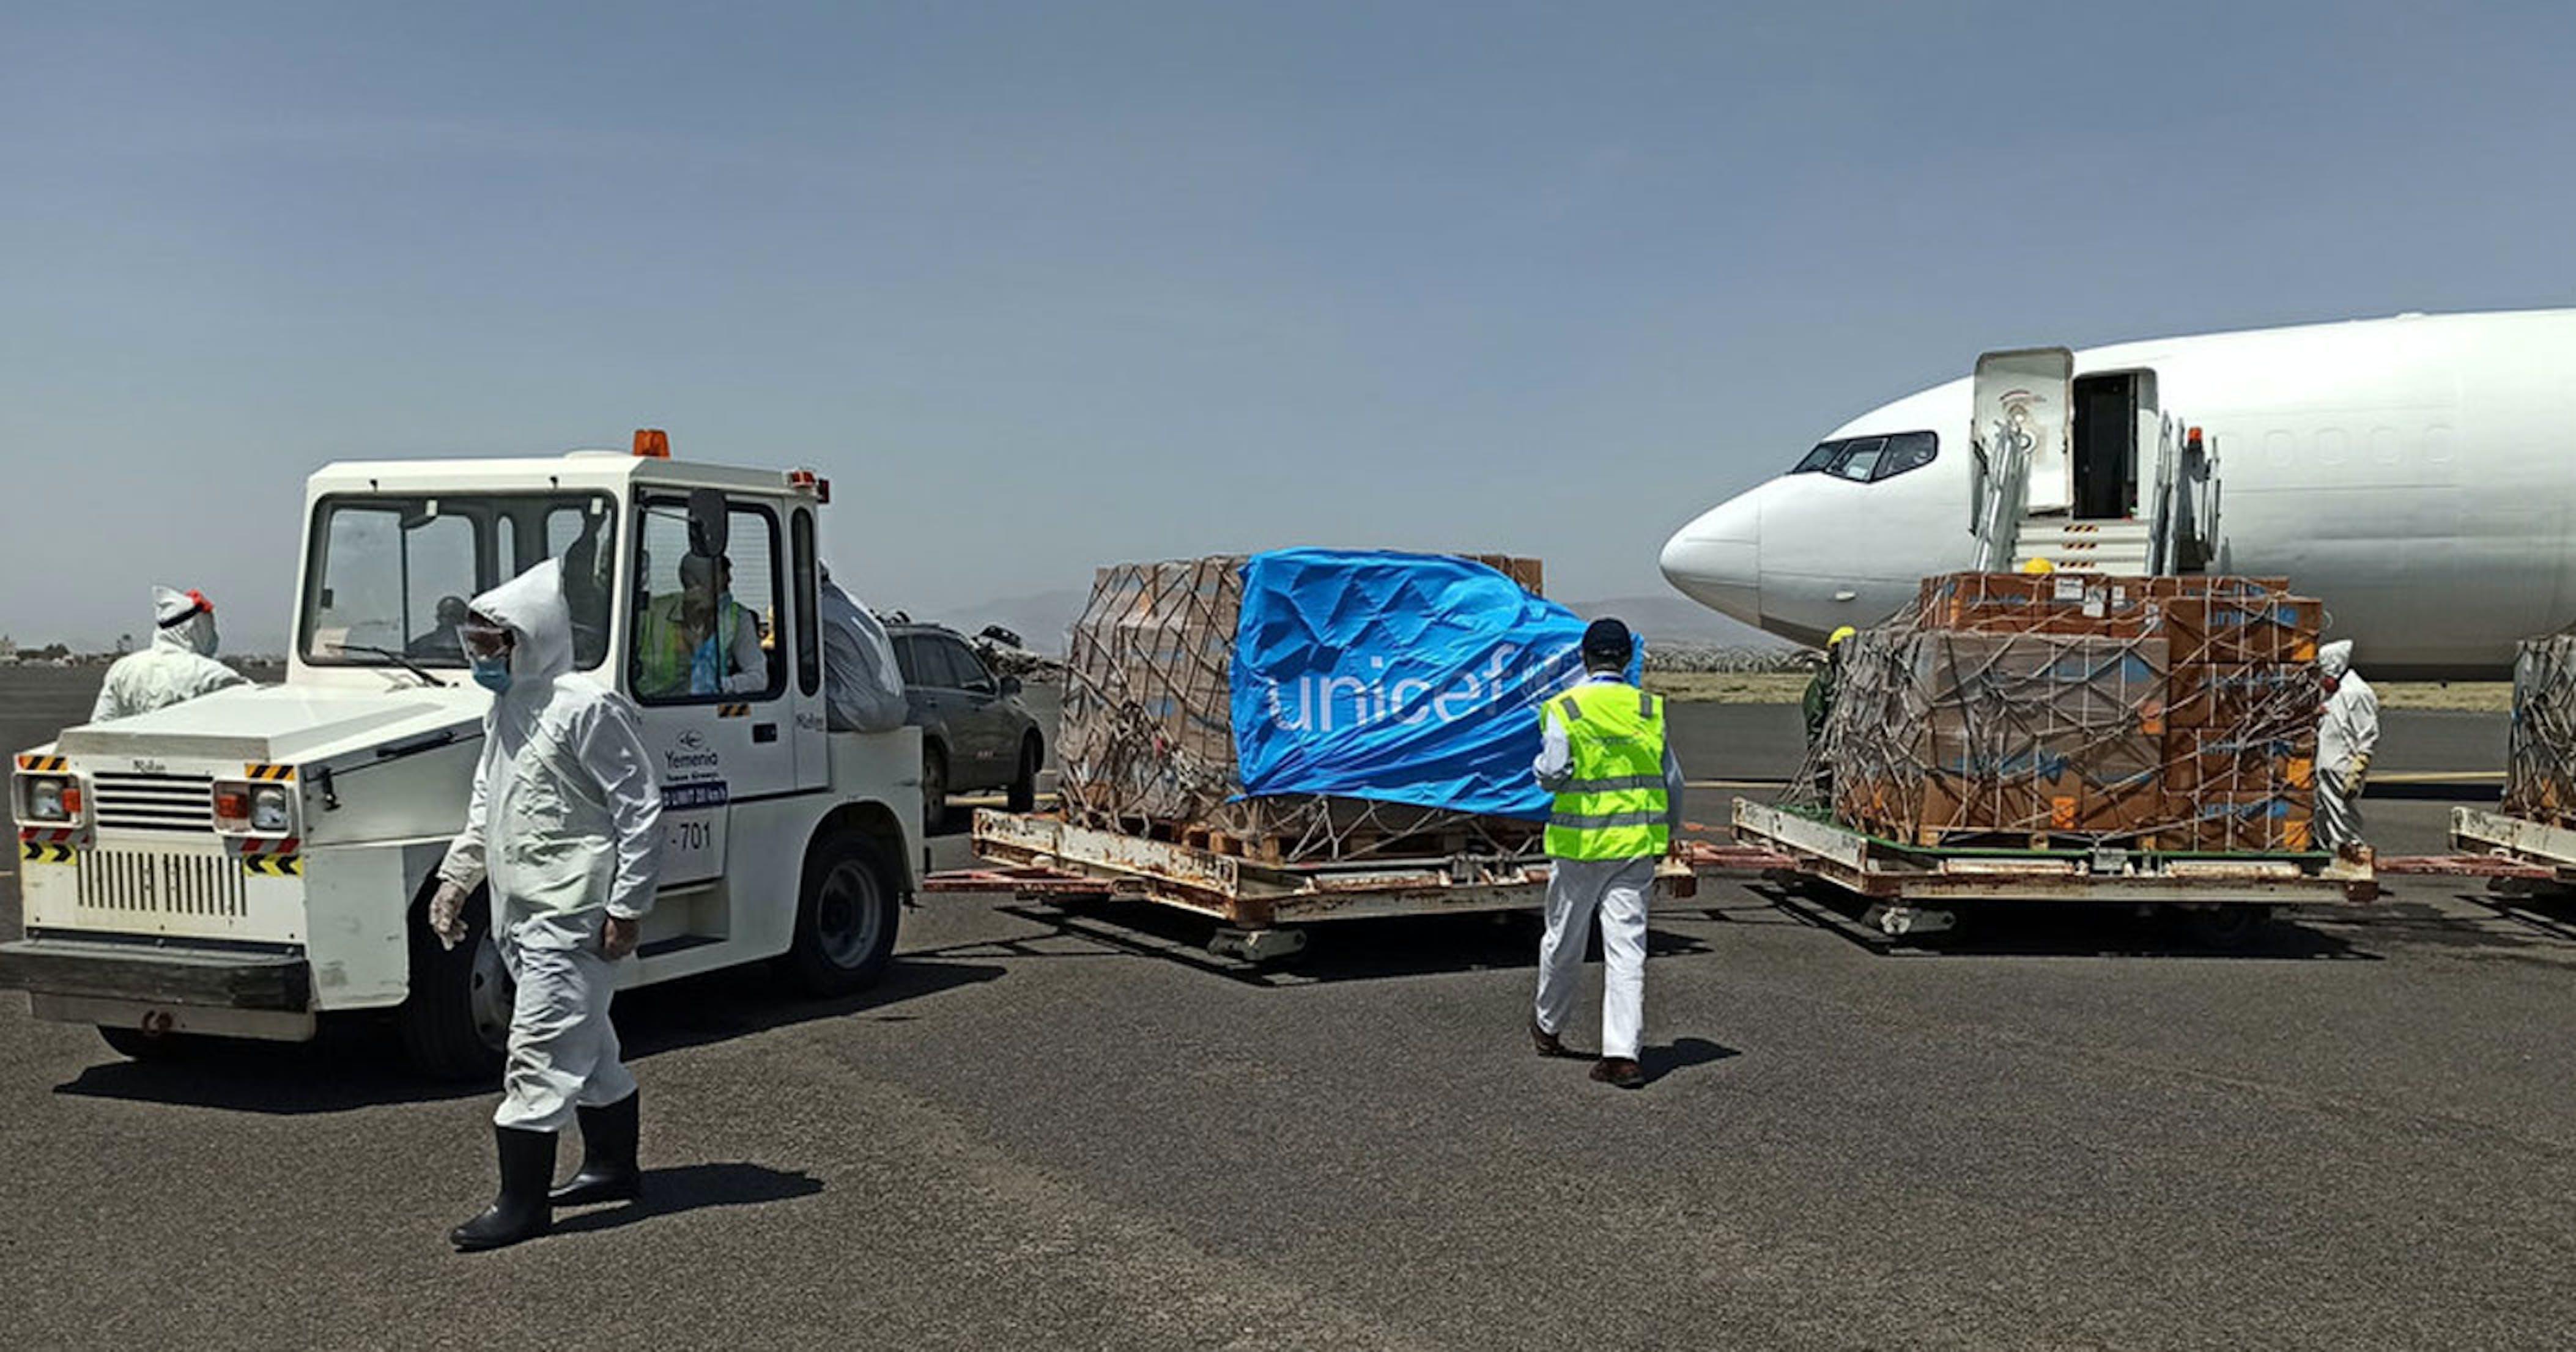 Le operazioni di scarico del cargo con aiuti UNICEF arrivato all'aeroporto di Sana'a, capitale dello Yemen - ©UNICEF Yemen/2020/102665